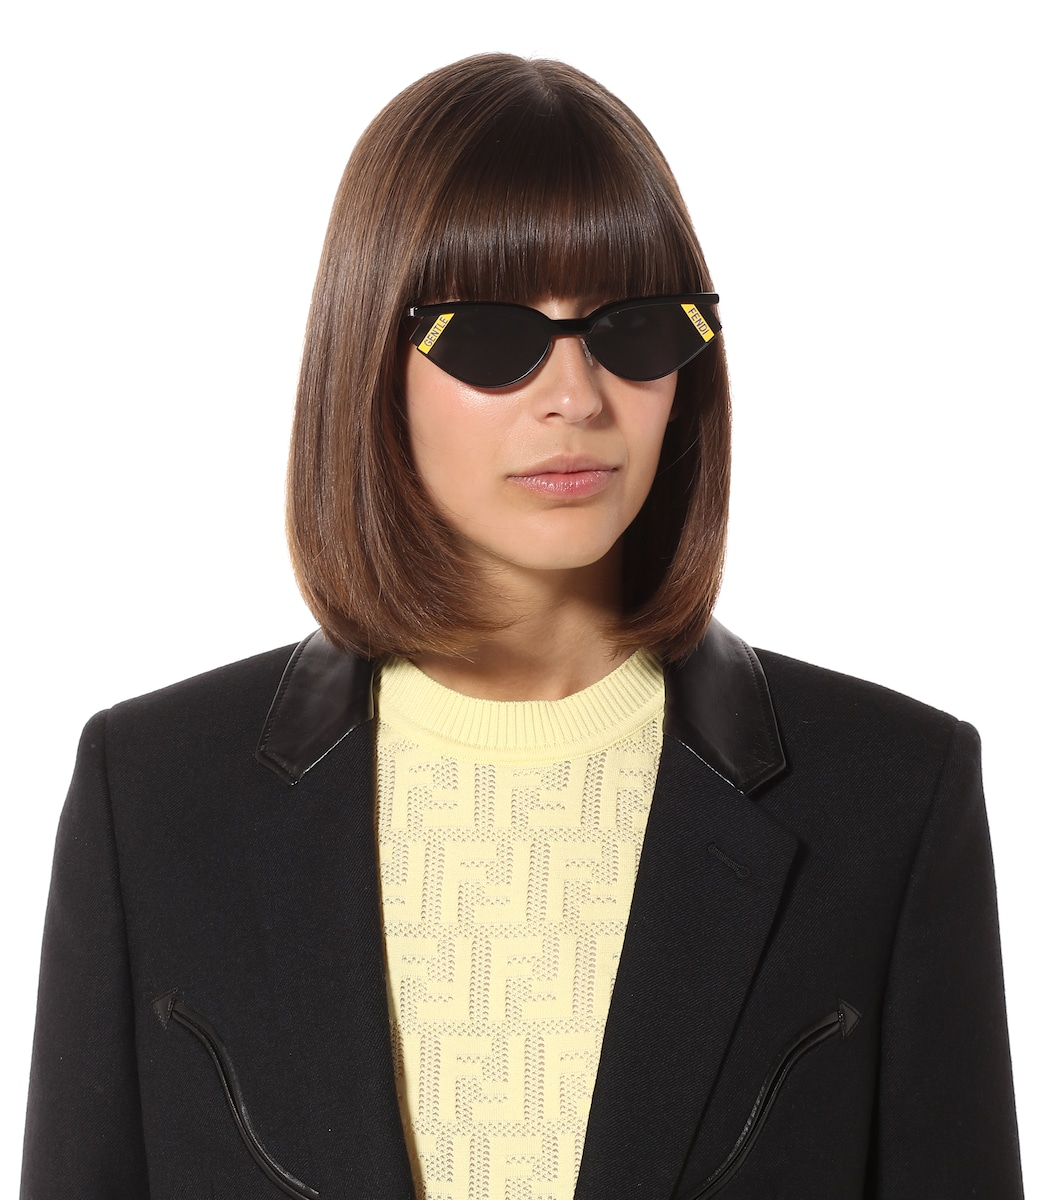 088b6a51b8fc Gentle Fendi No. 1 Sunglasses | Fendi - Mytheresa